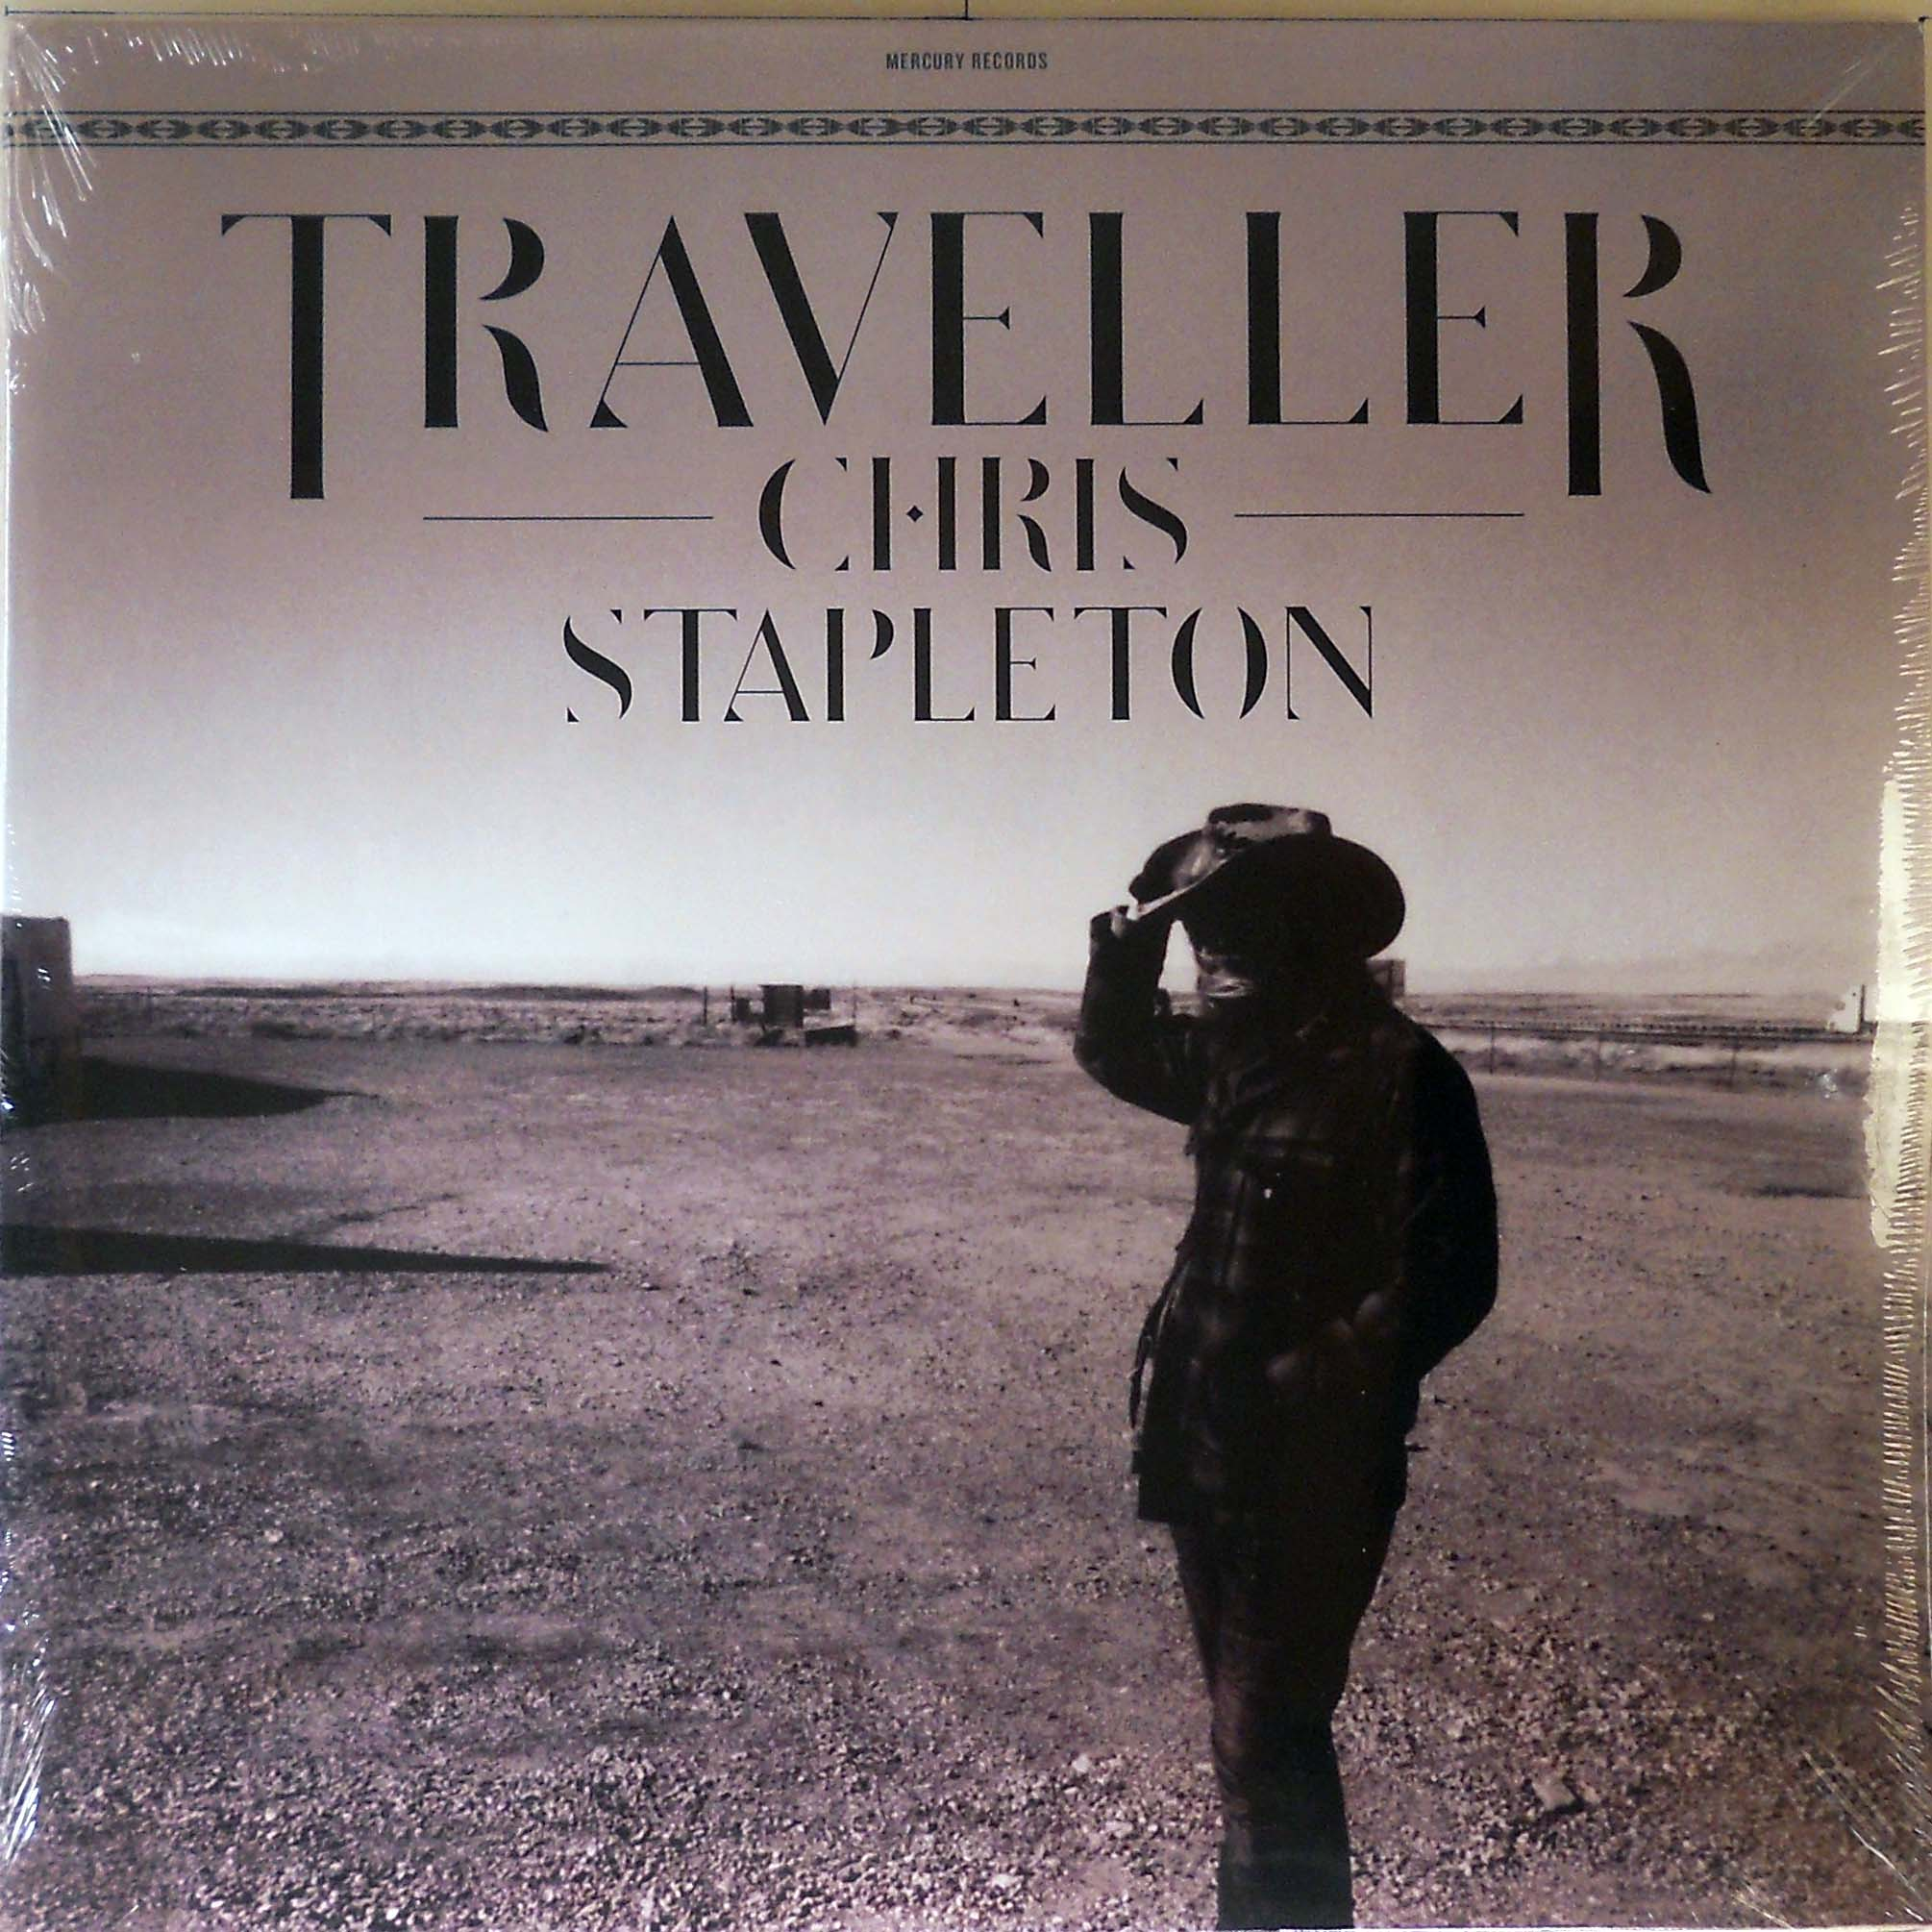 Chris Stapleton Traveller Records, LPs, Vinyl and CDs